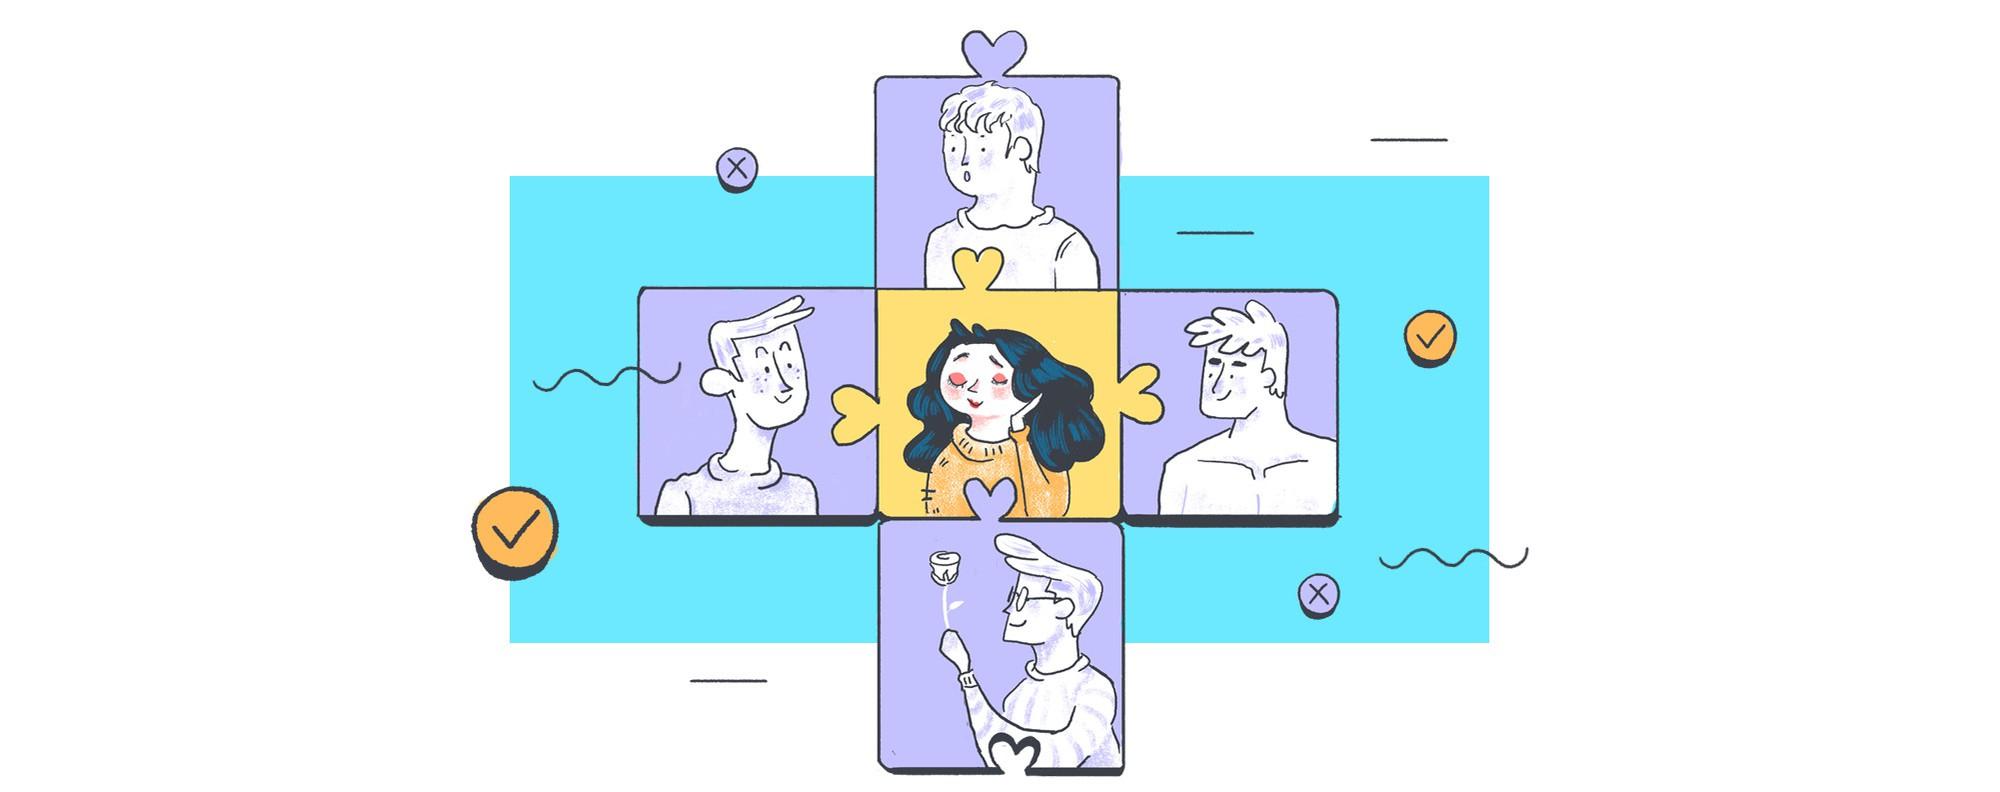 Phụ nữ dù là tổ Kén hay tổ Mối, thì phải chăng tình yêu đang ngày càng khó kiếm tìm? - Ảnh 2.